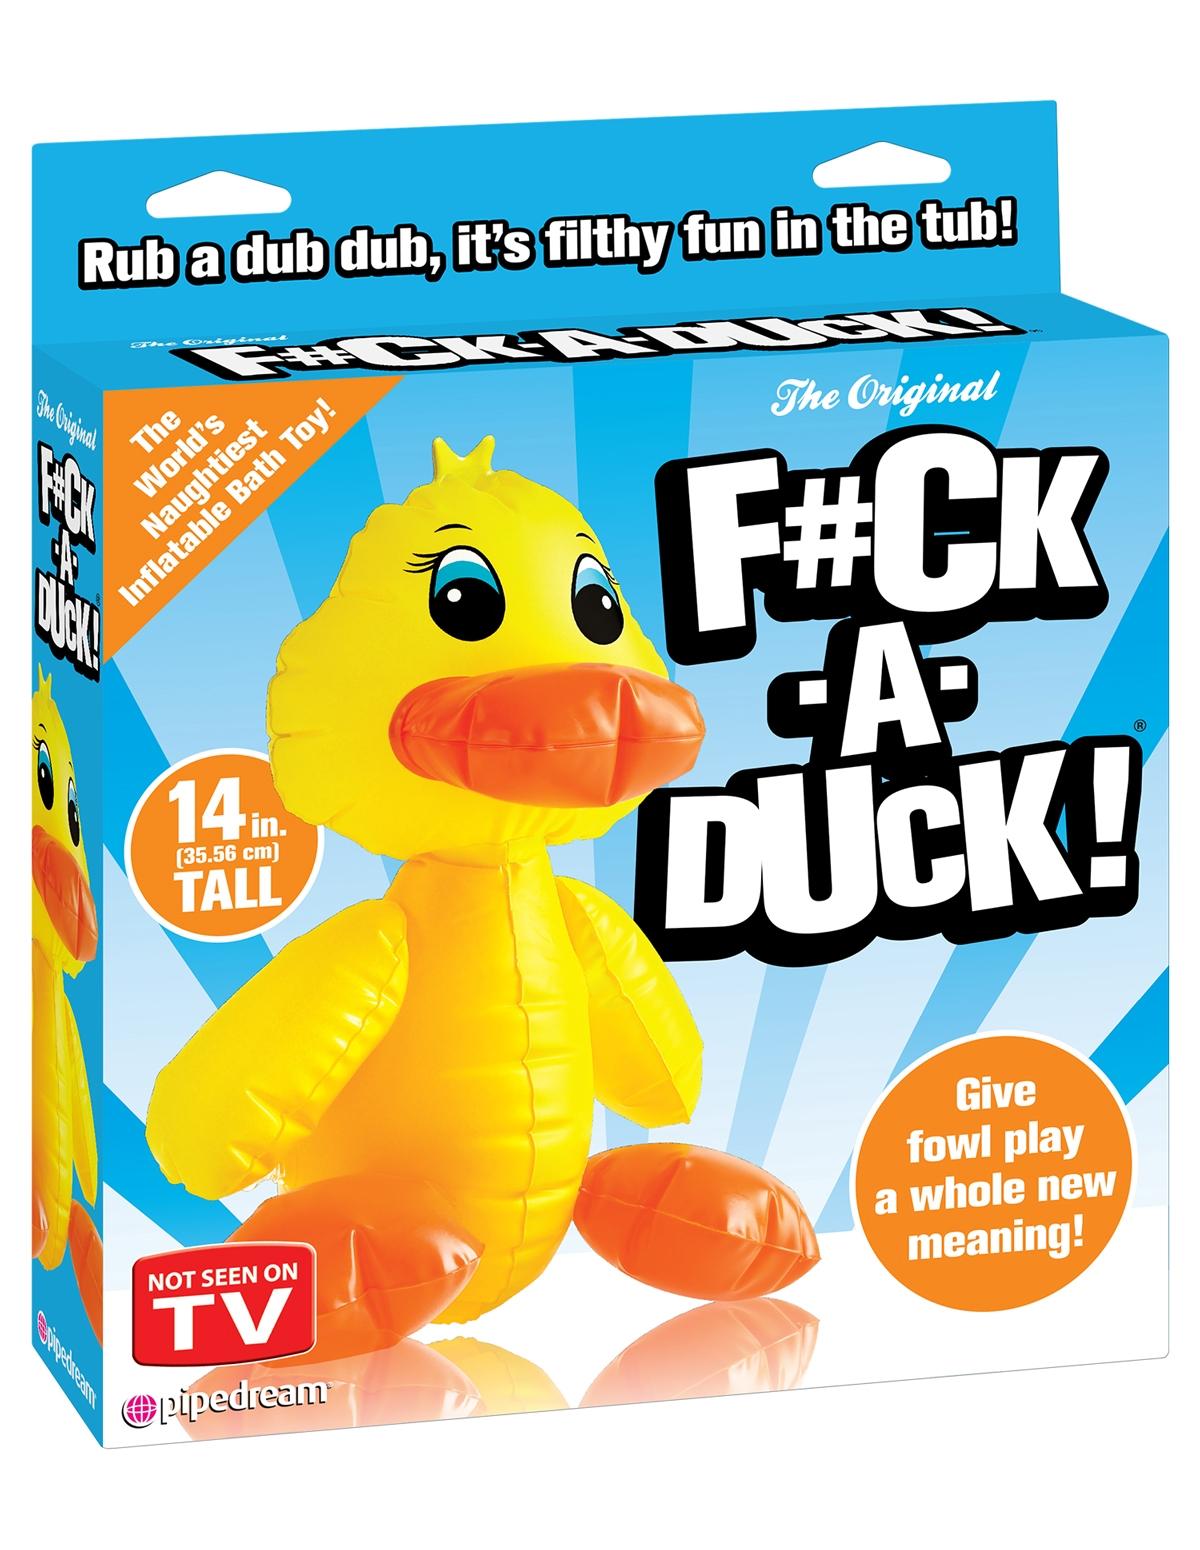 F#Ck A Duck!